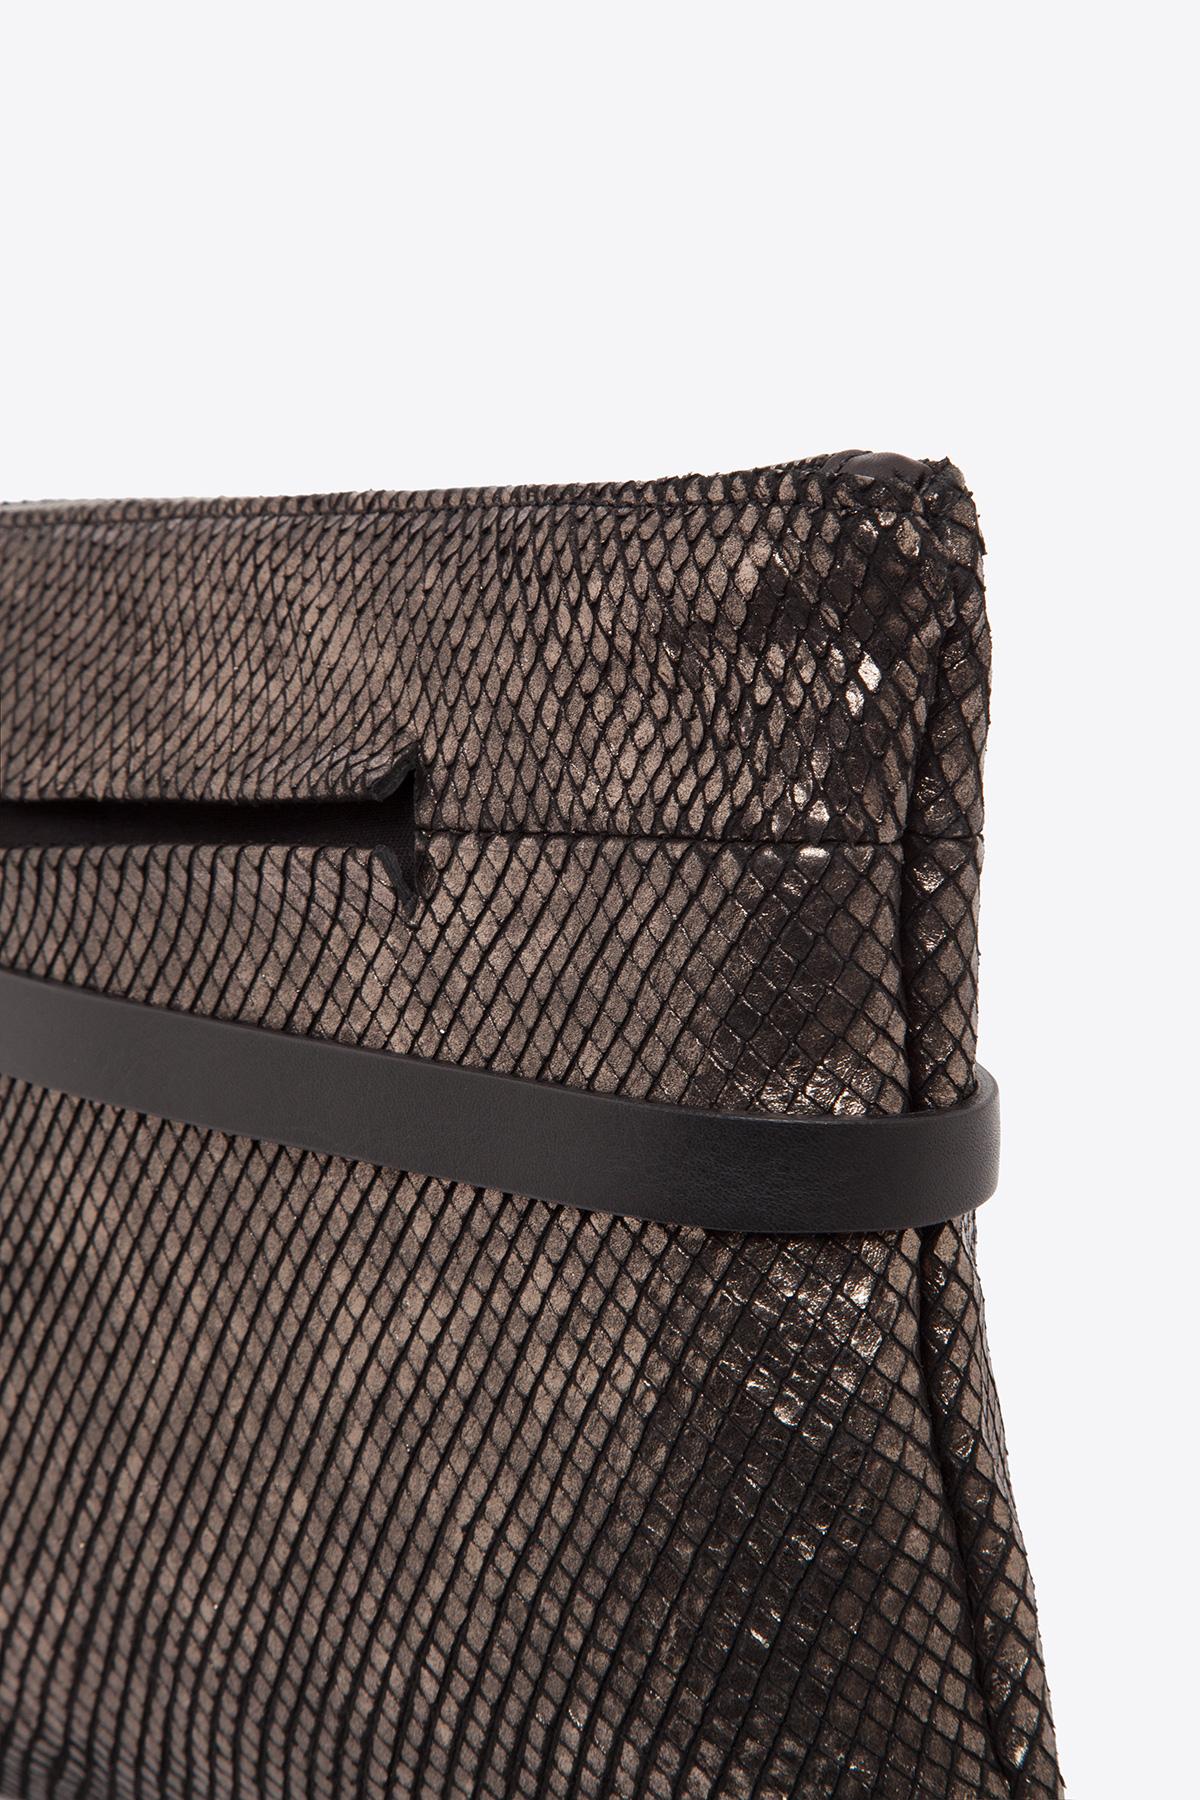 dclr004l-tapeclutch-a24-backsnakebronze-detail